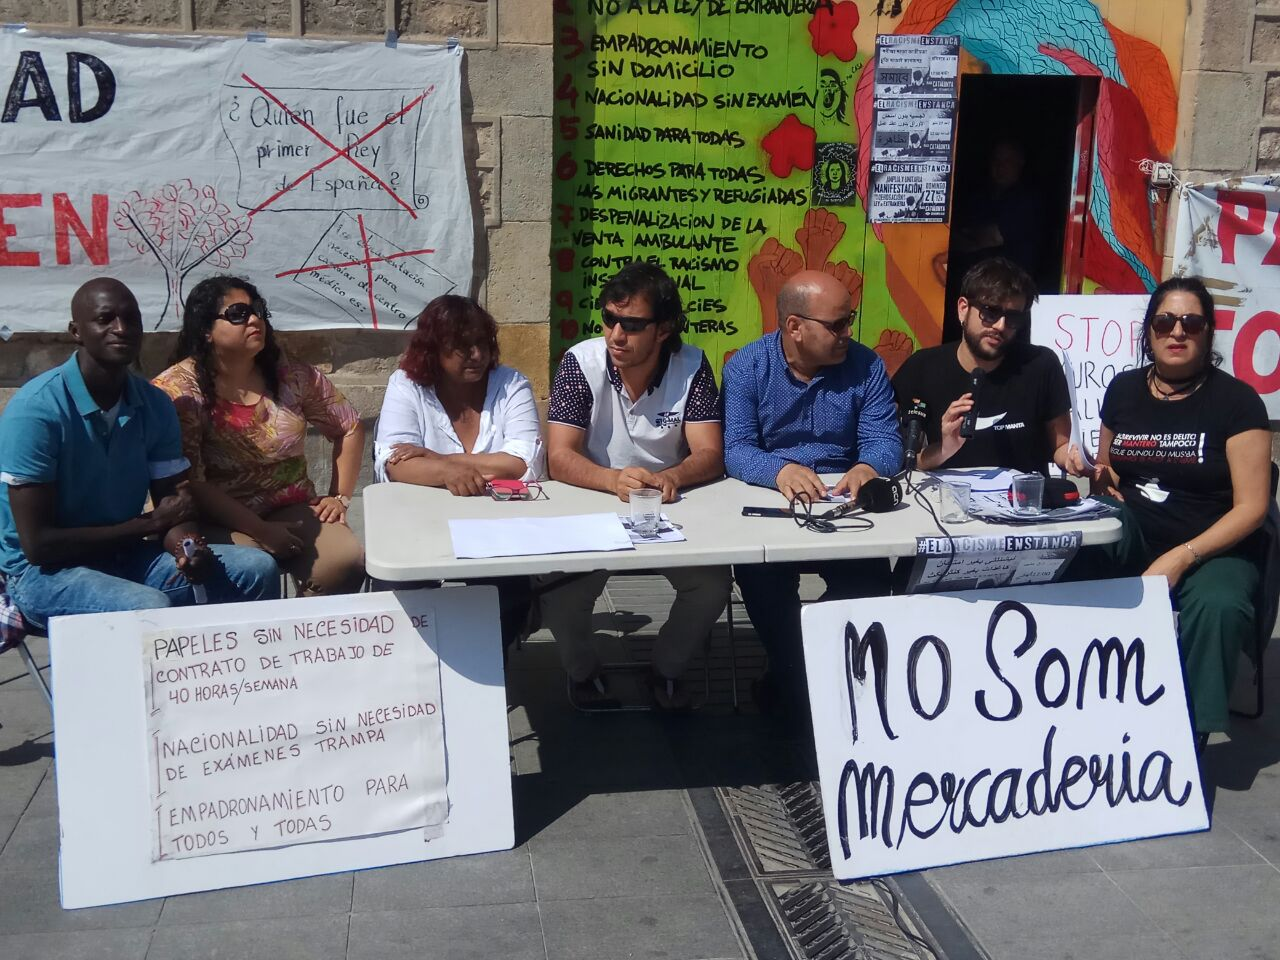 La manifestació migrant de diumenge guanya múscul: mig miler d'entitats se sumen a la protesta